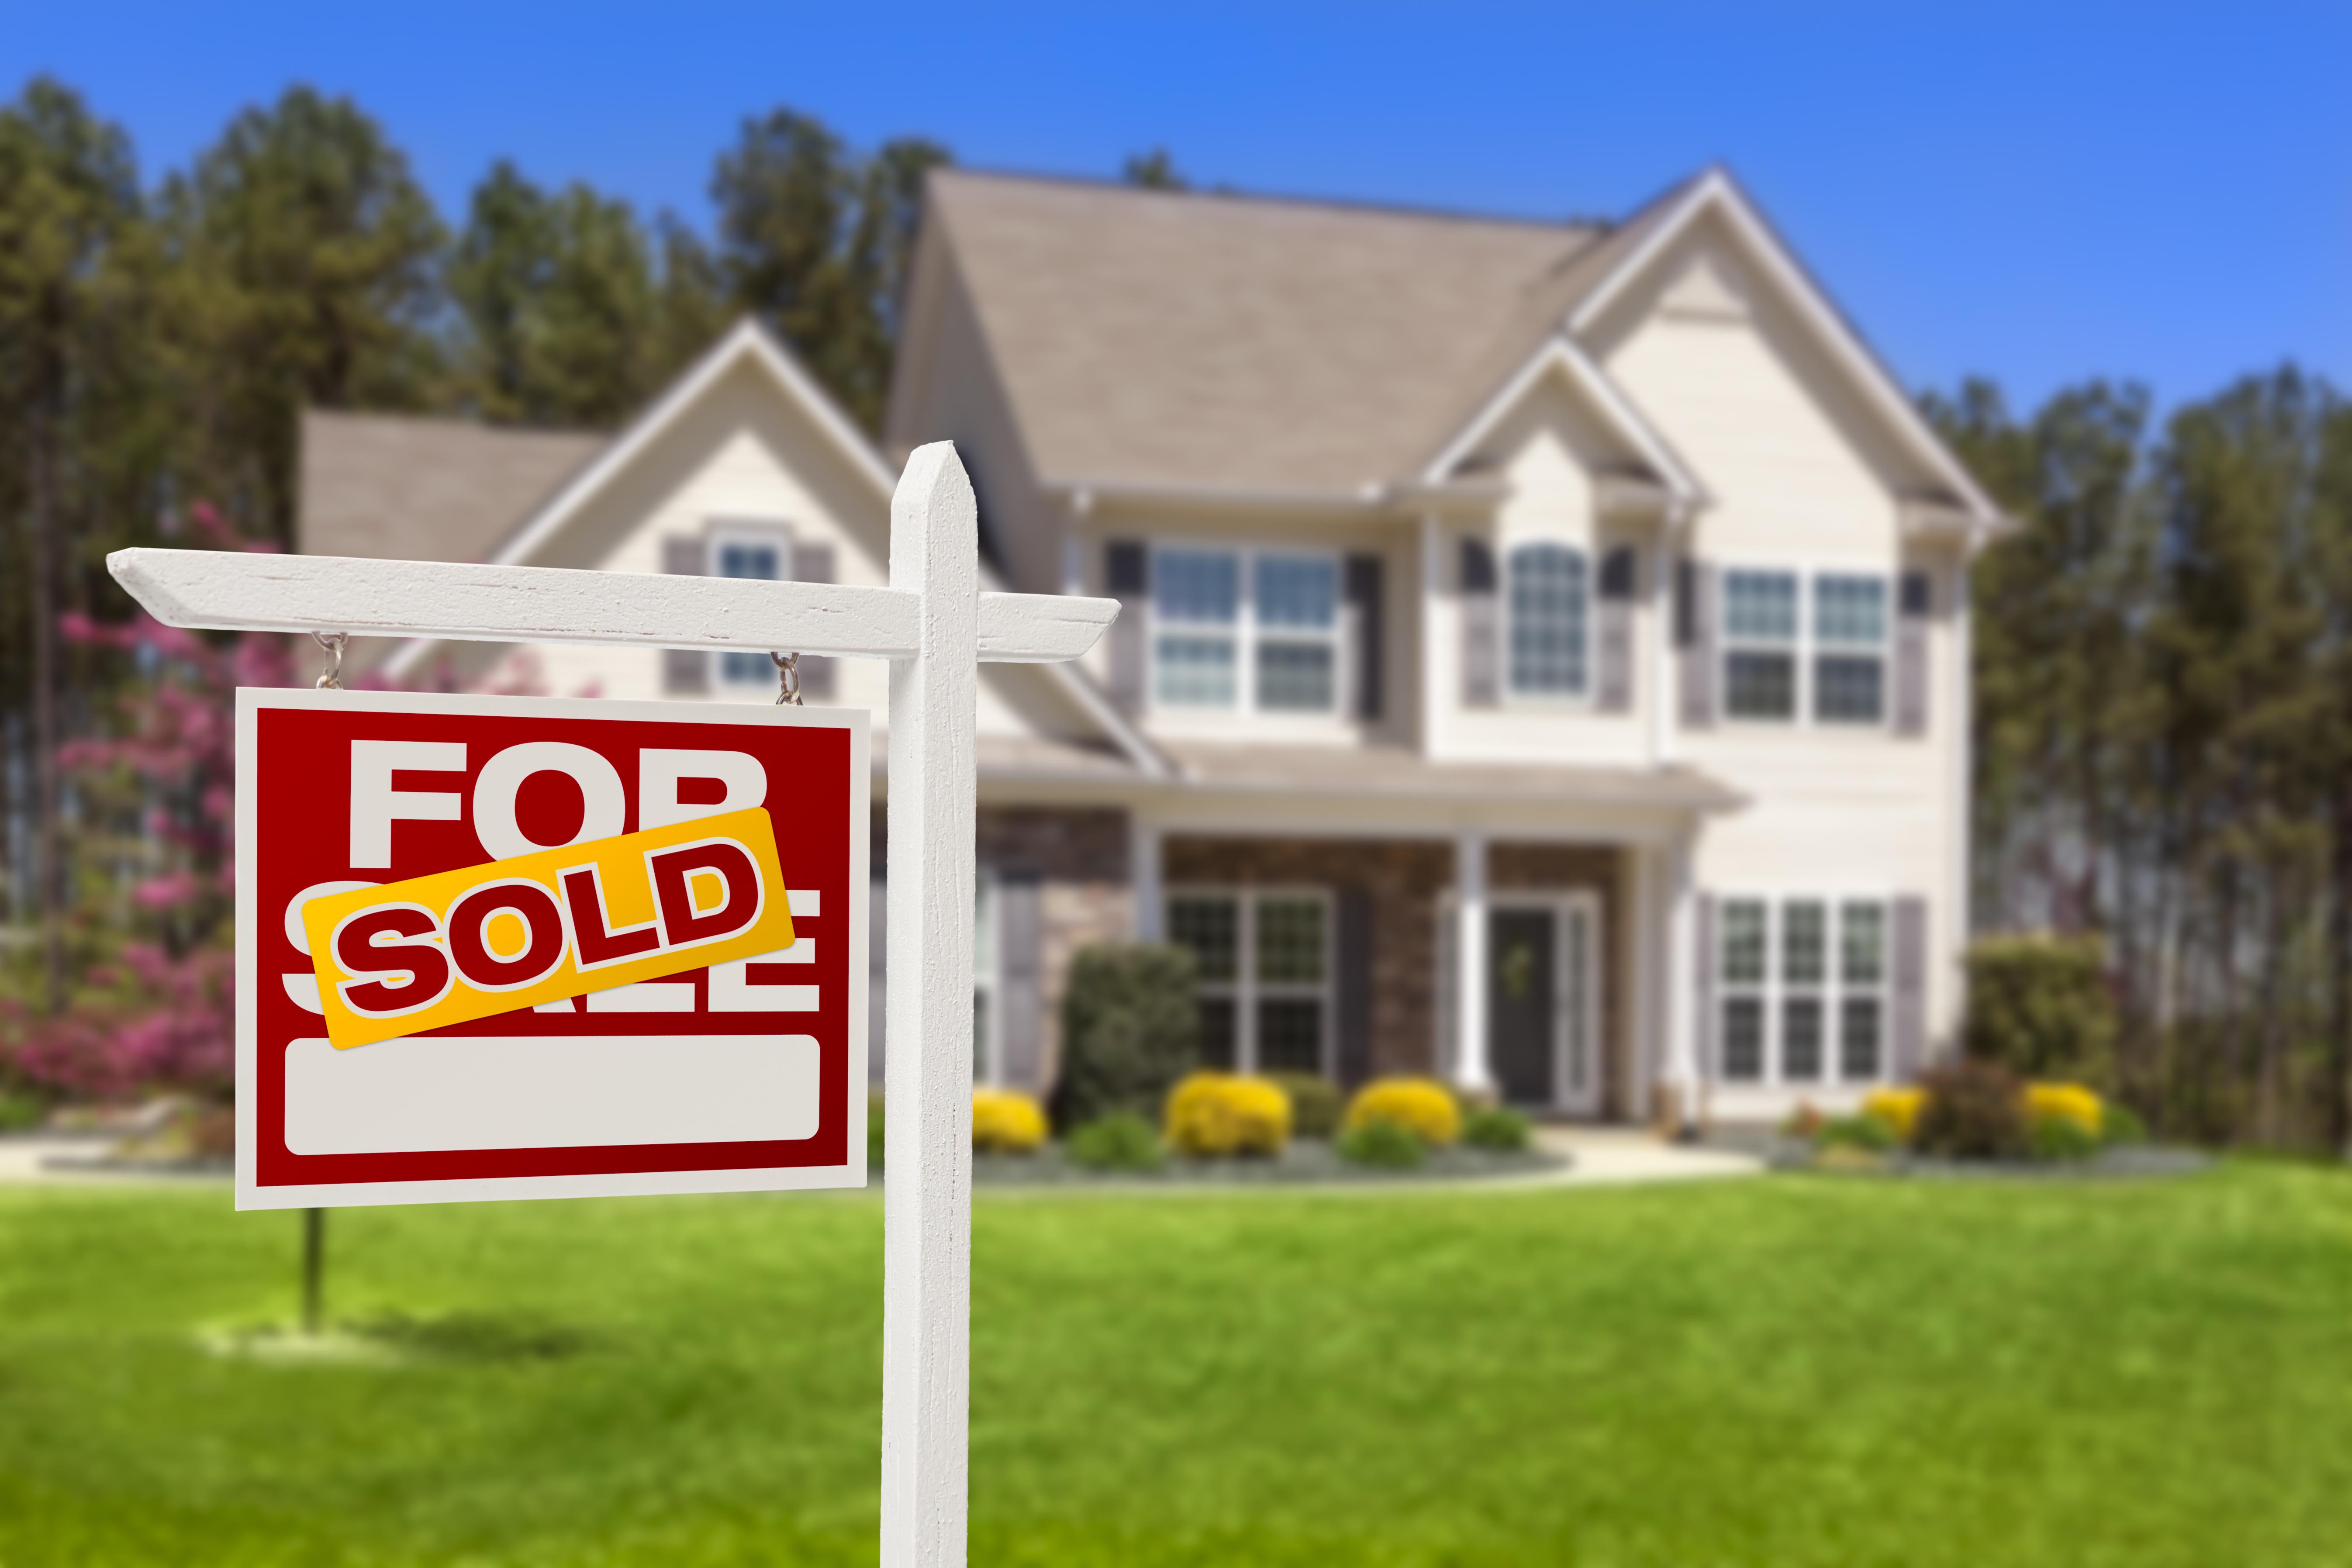 Homes For Sale in West Bountiful, Utah